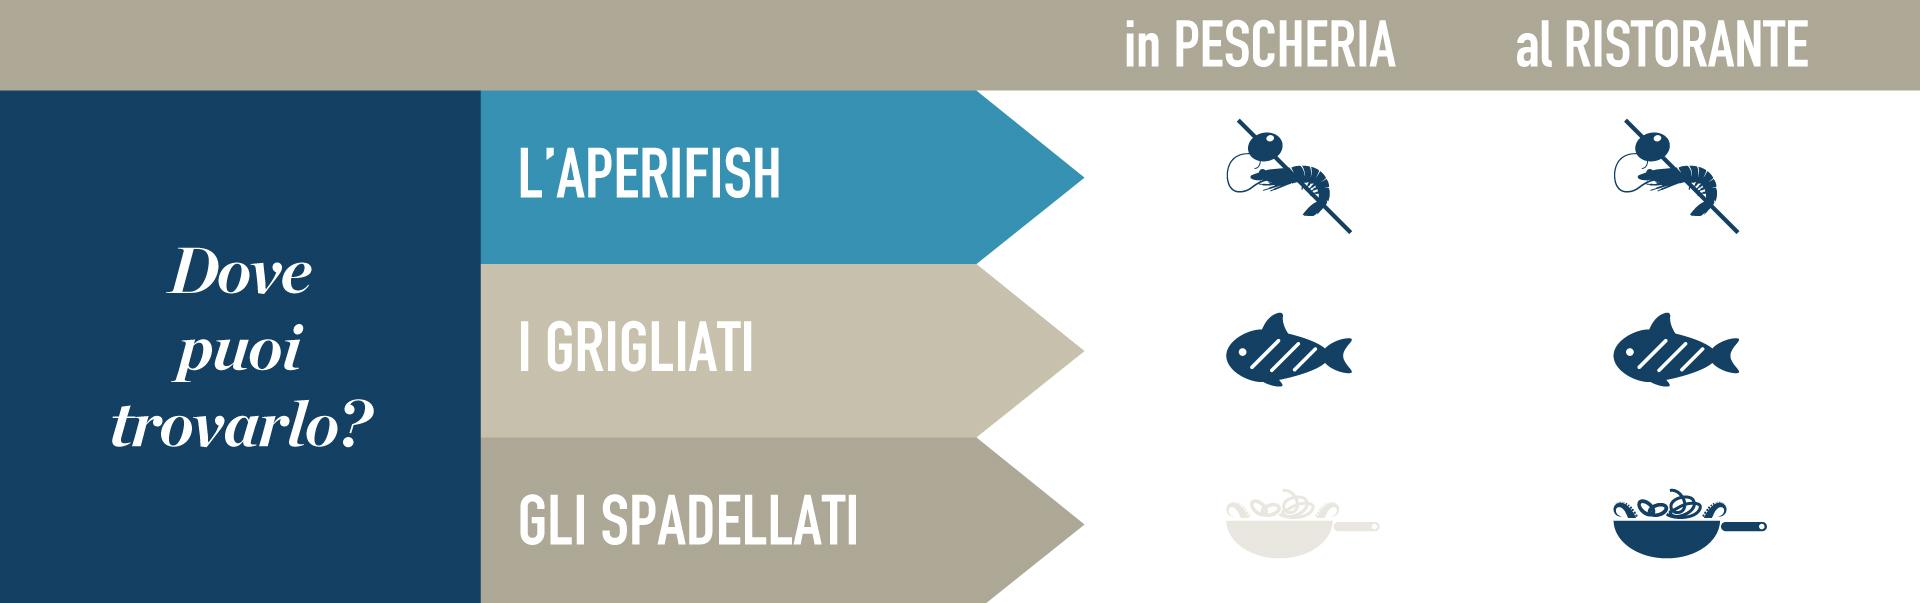 Dove puoi trovare l'aperifish, i grigliati, gli spadellati?